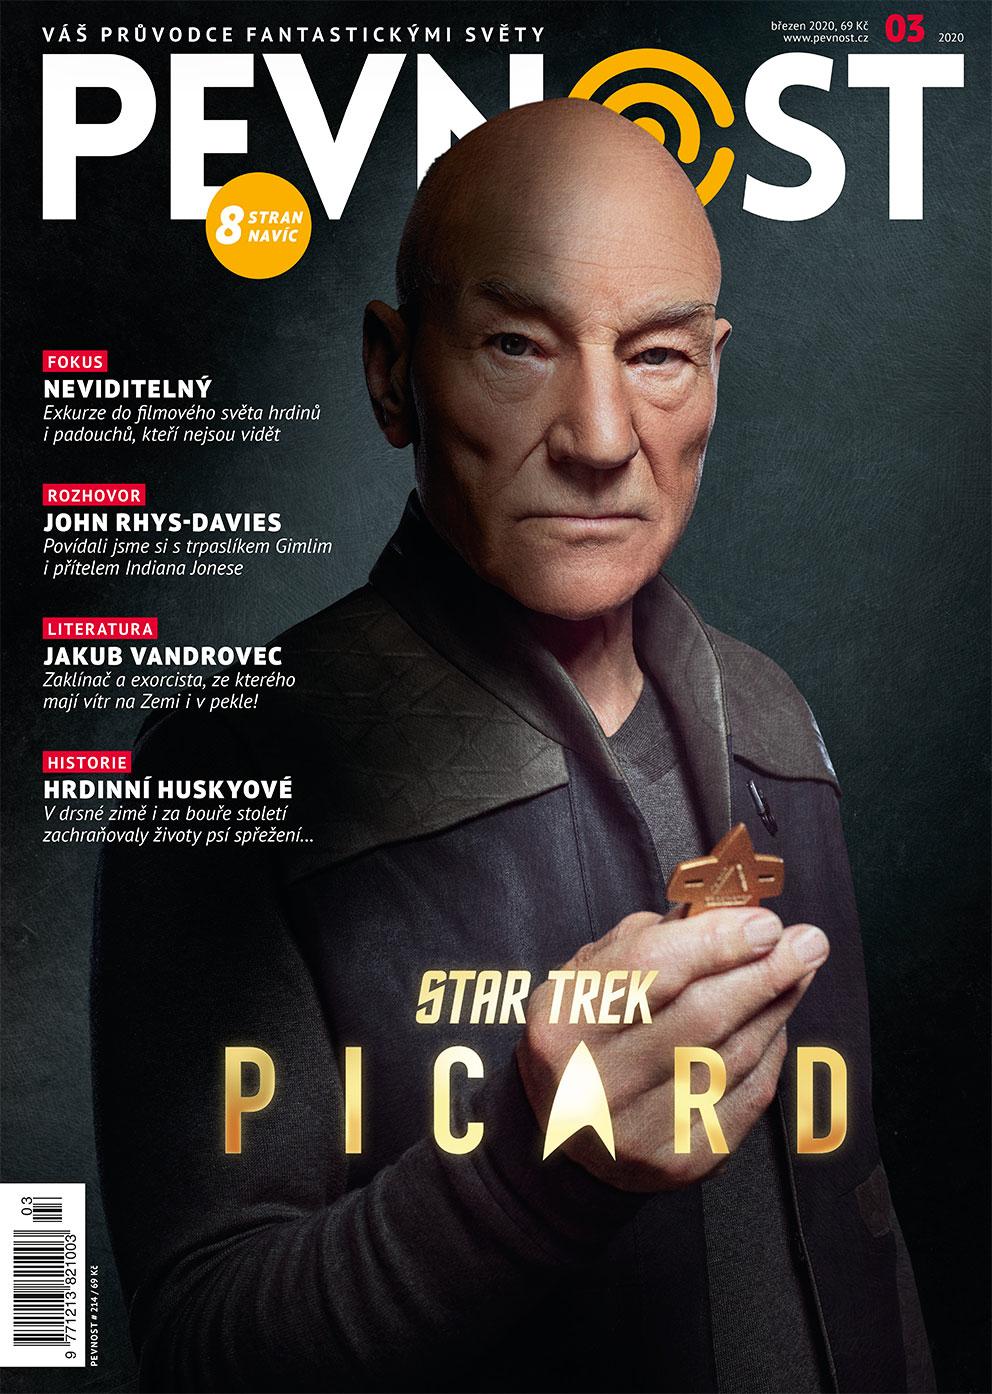 Kapitánské frčky, oddané posádky, vše pro dobro federace. To vždy prosazovali ti nejlepší velitelé ze Star Treku. Také o nich si povíme mnohé v březnové Pevnosti nové.